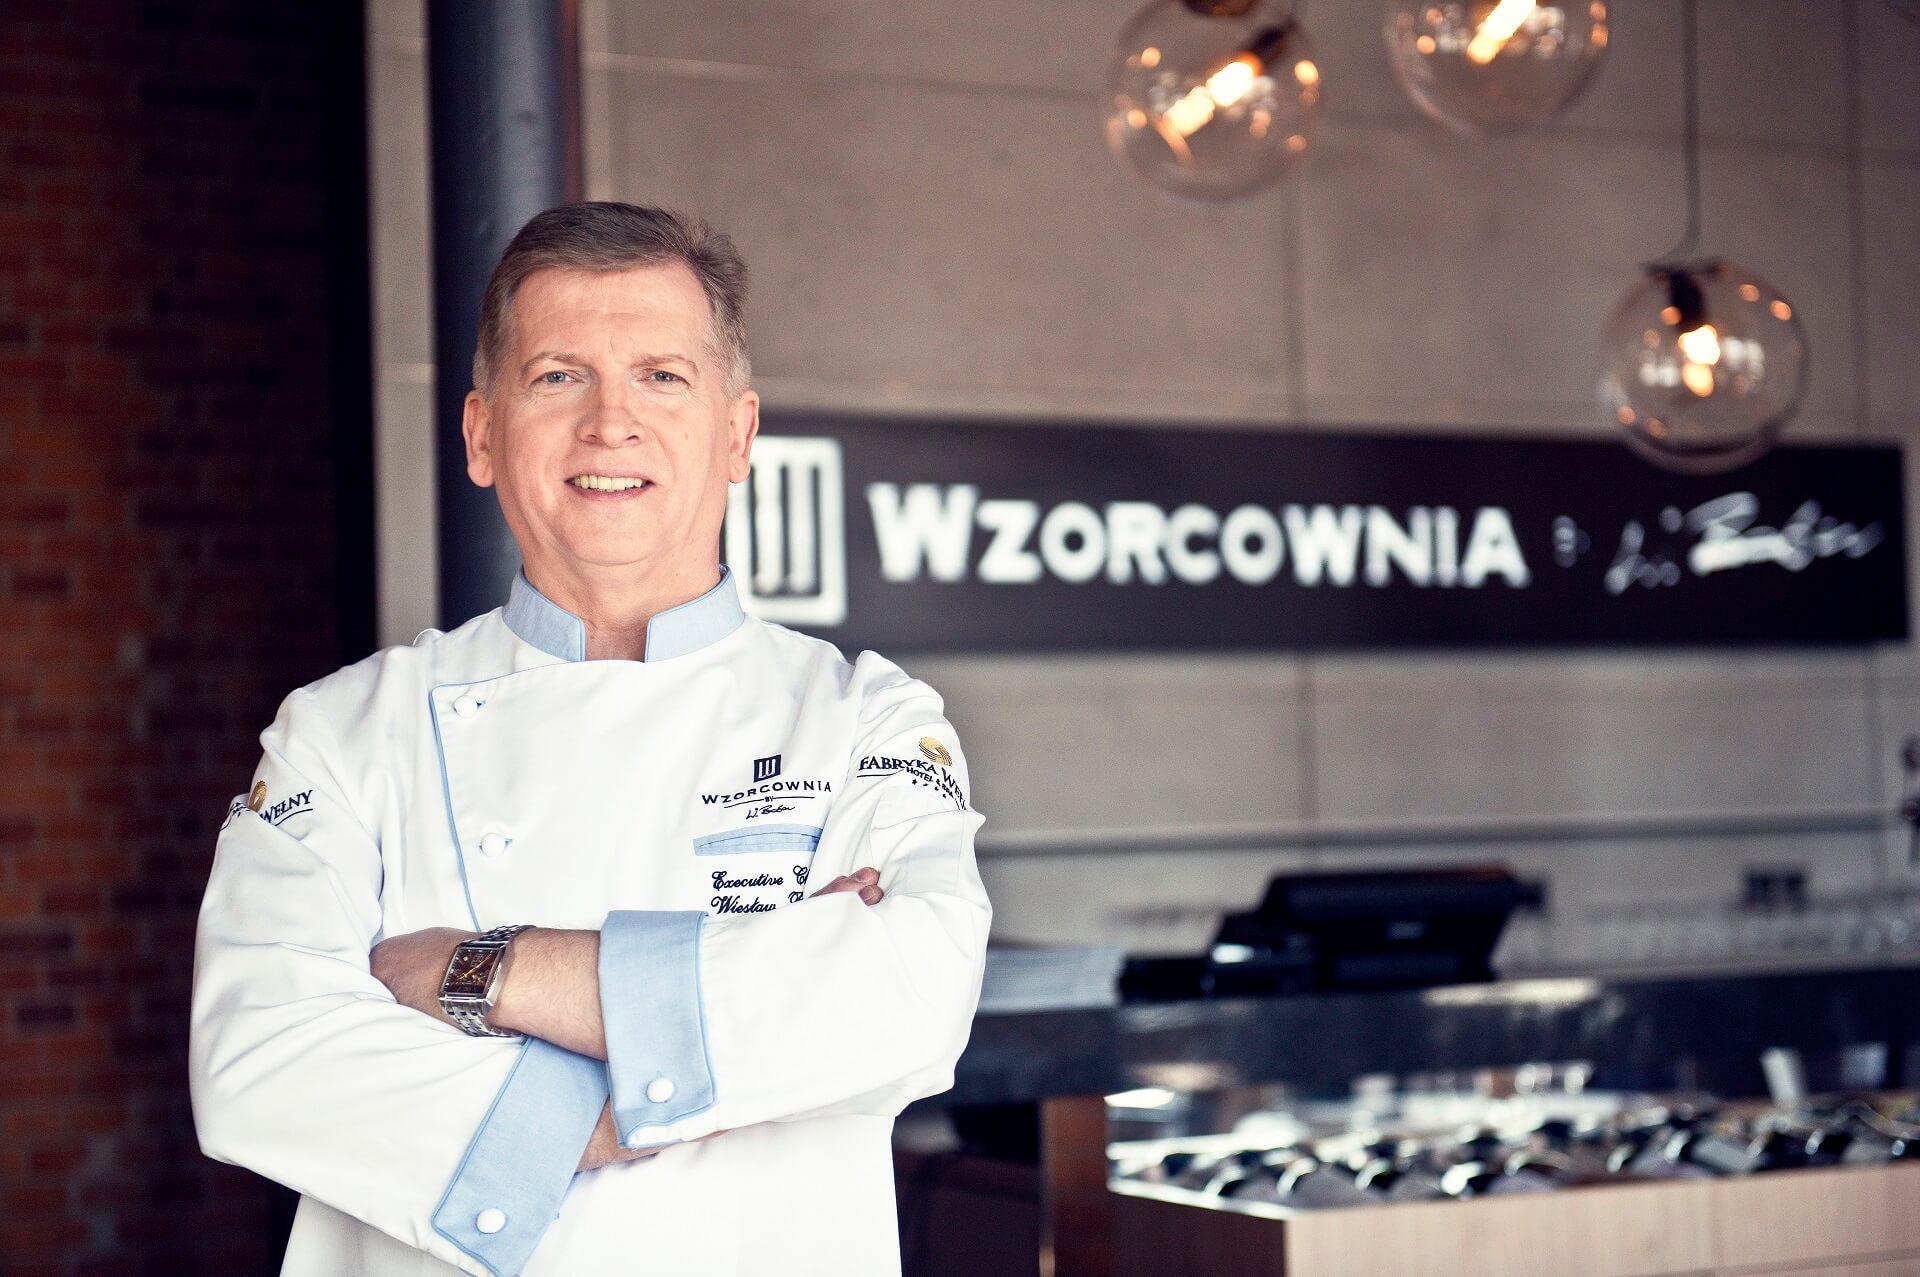 Kuchnia autorska w restauracji Wzorcownia